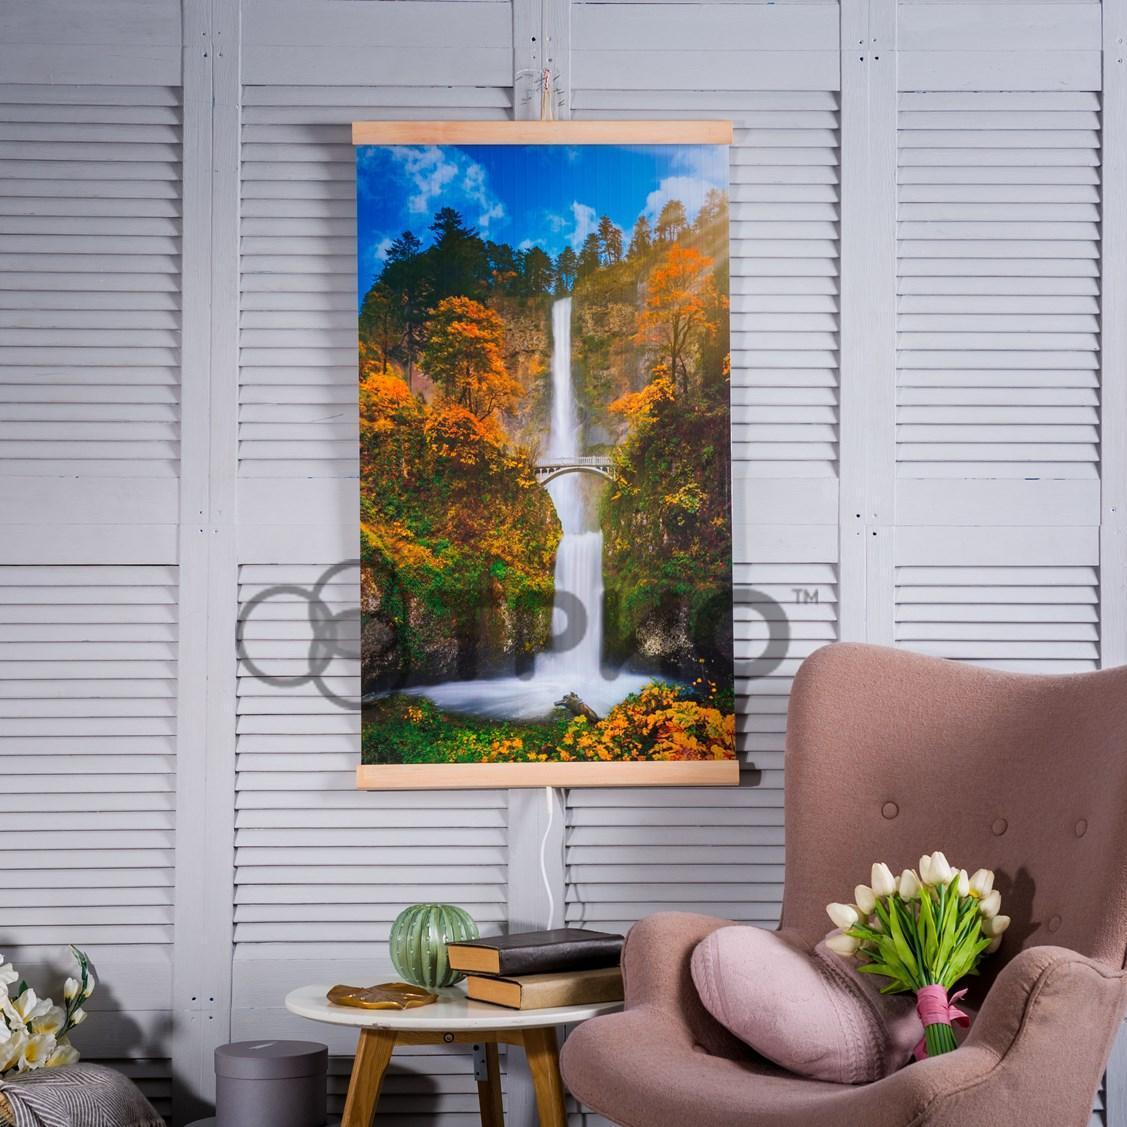 Настенный инфракрасный обогреватель Водопад с мостиком ТРИО